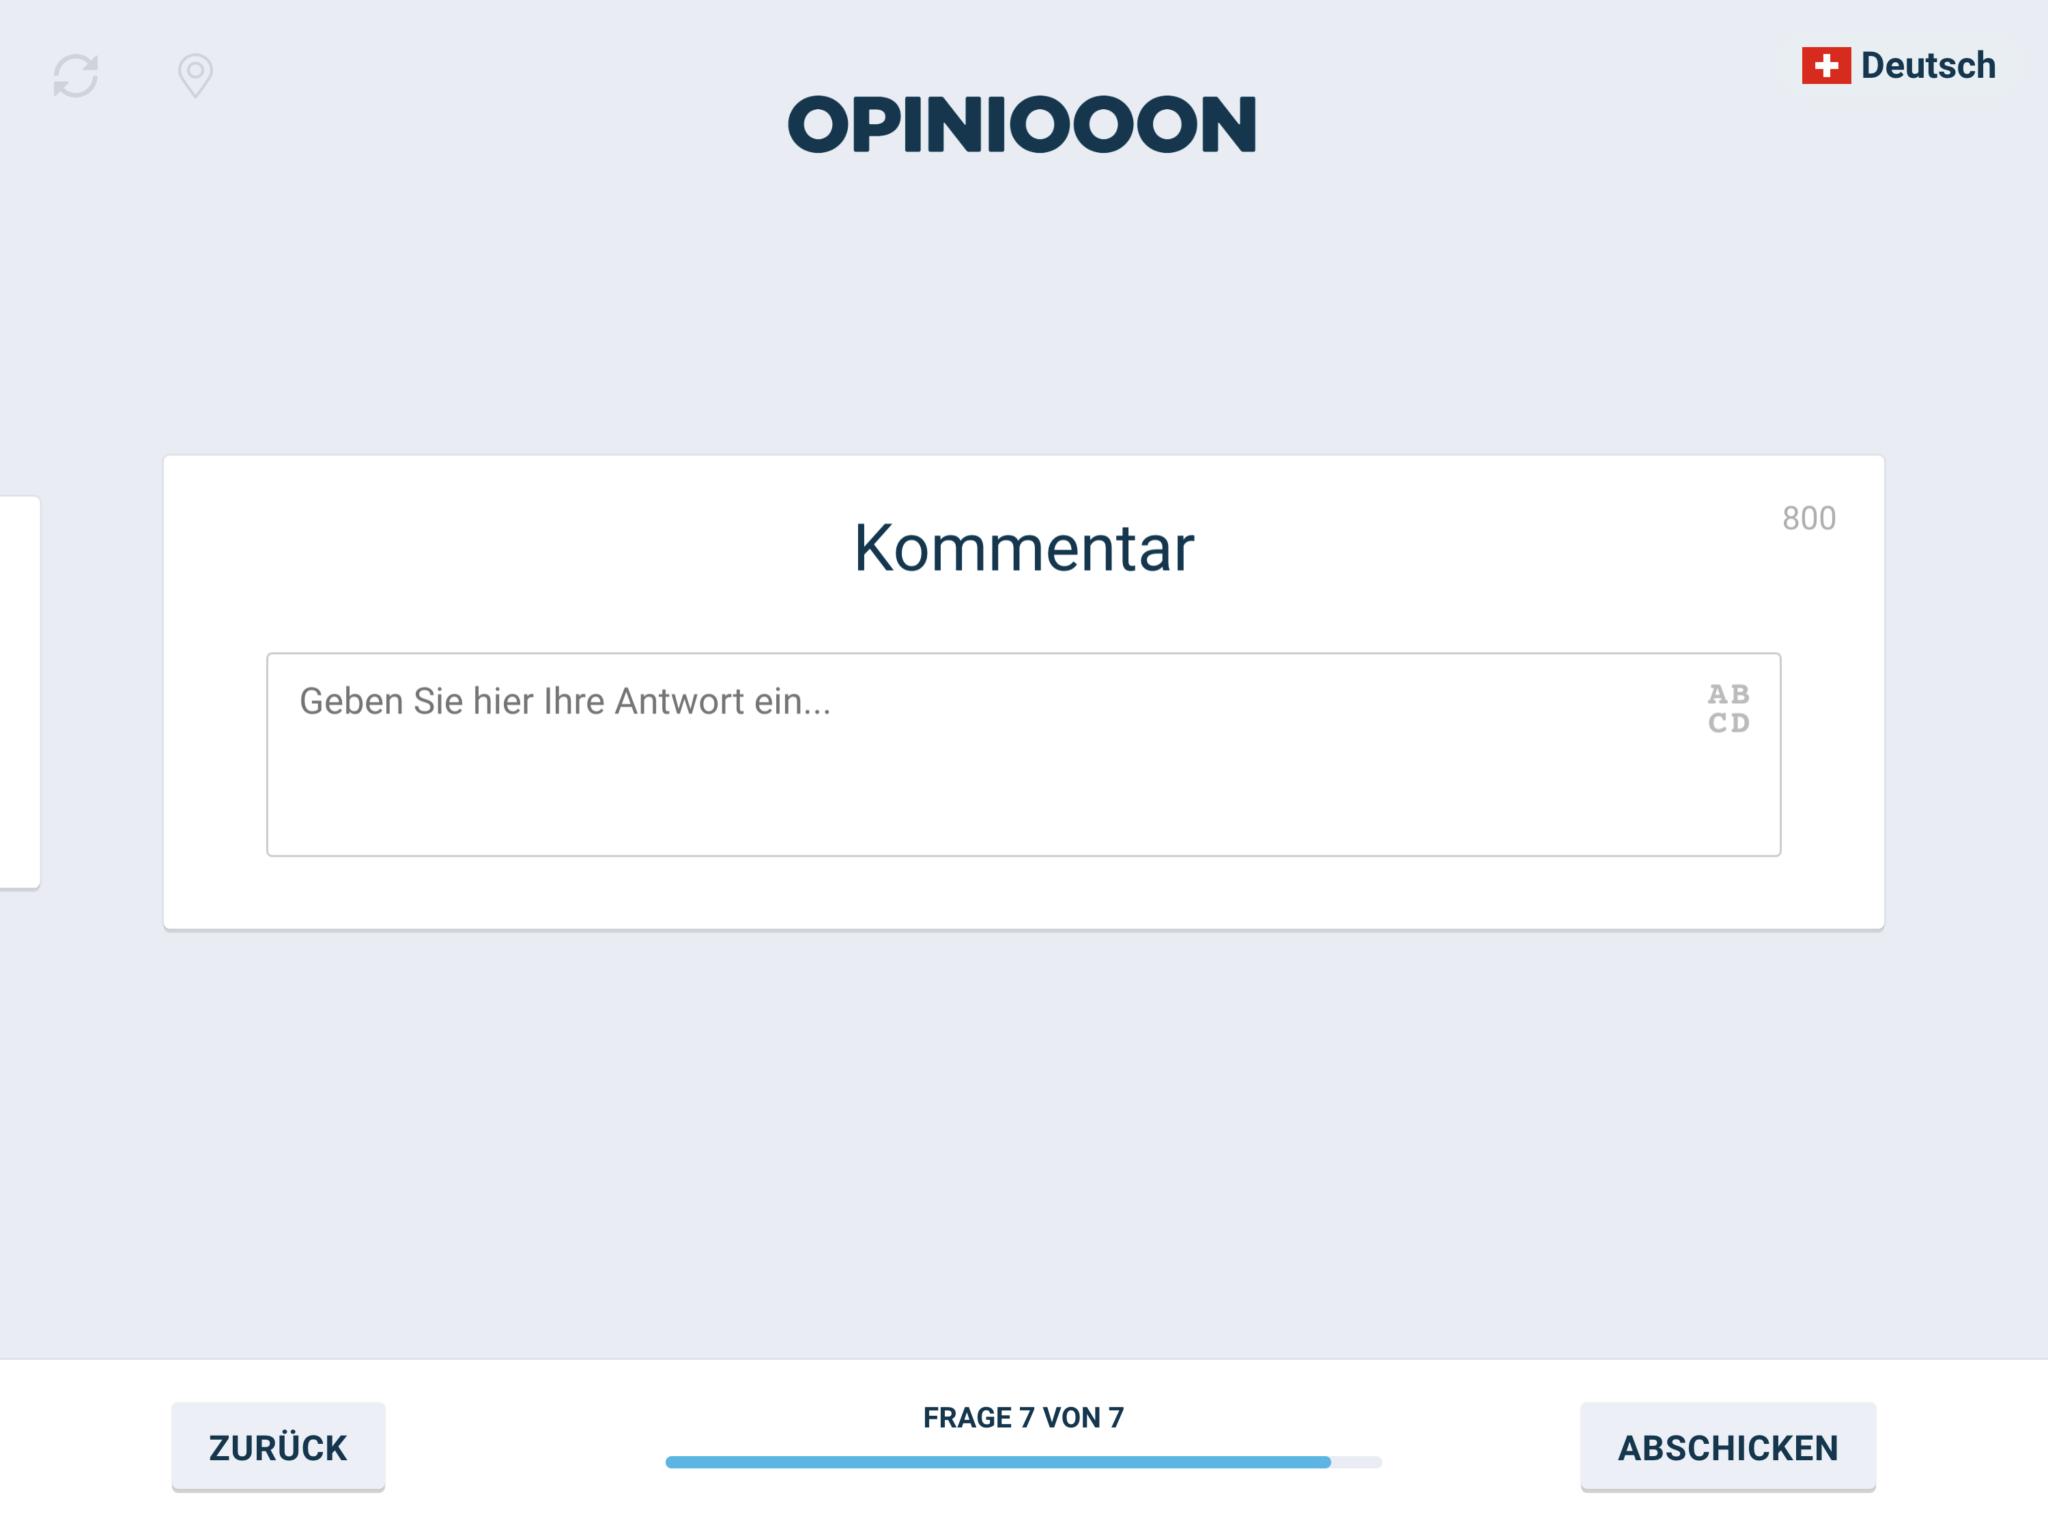 Fragetyp_Kommentar